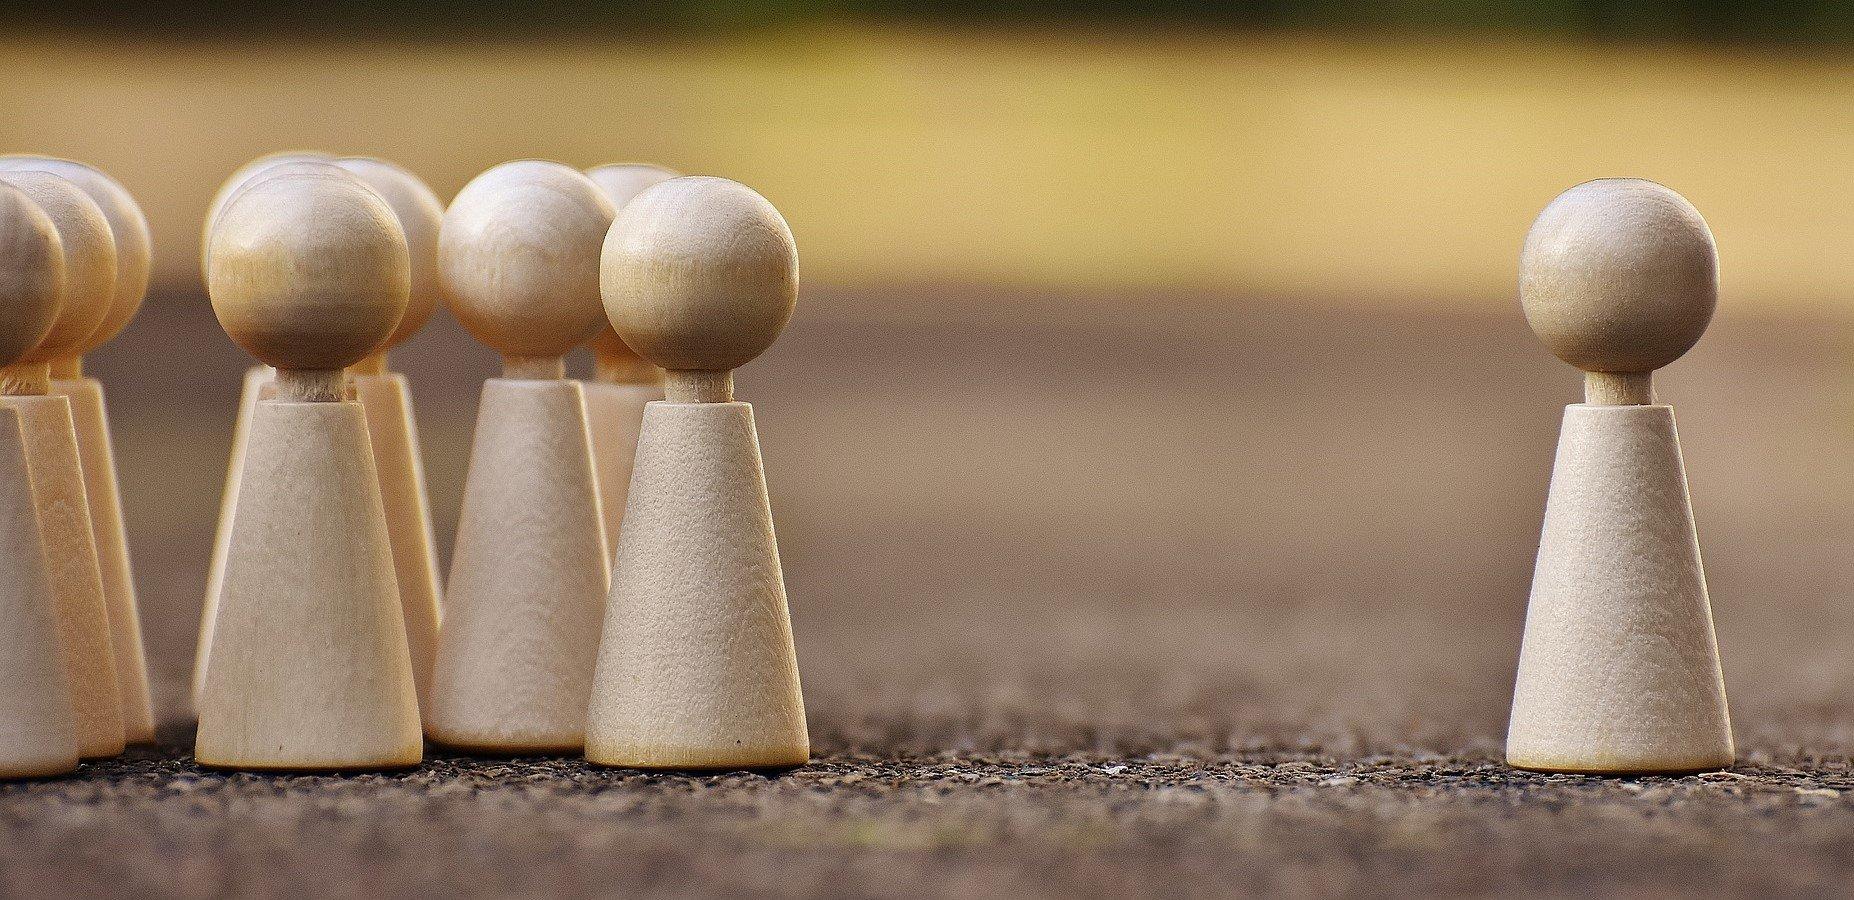 Dialogzone: Konflikter og mobning – hvordan skelner vi?